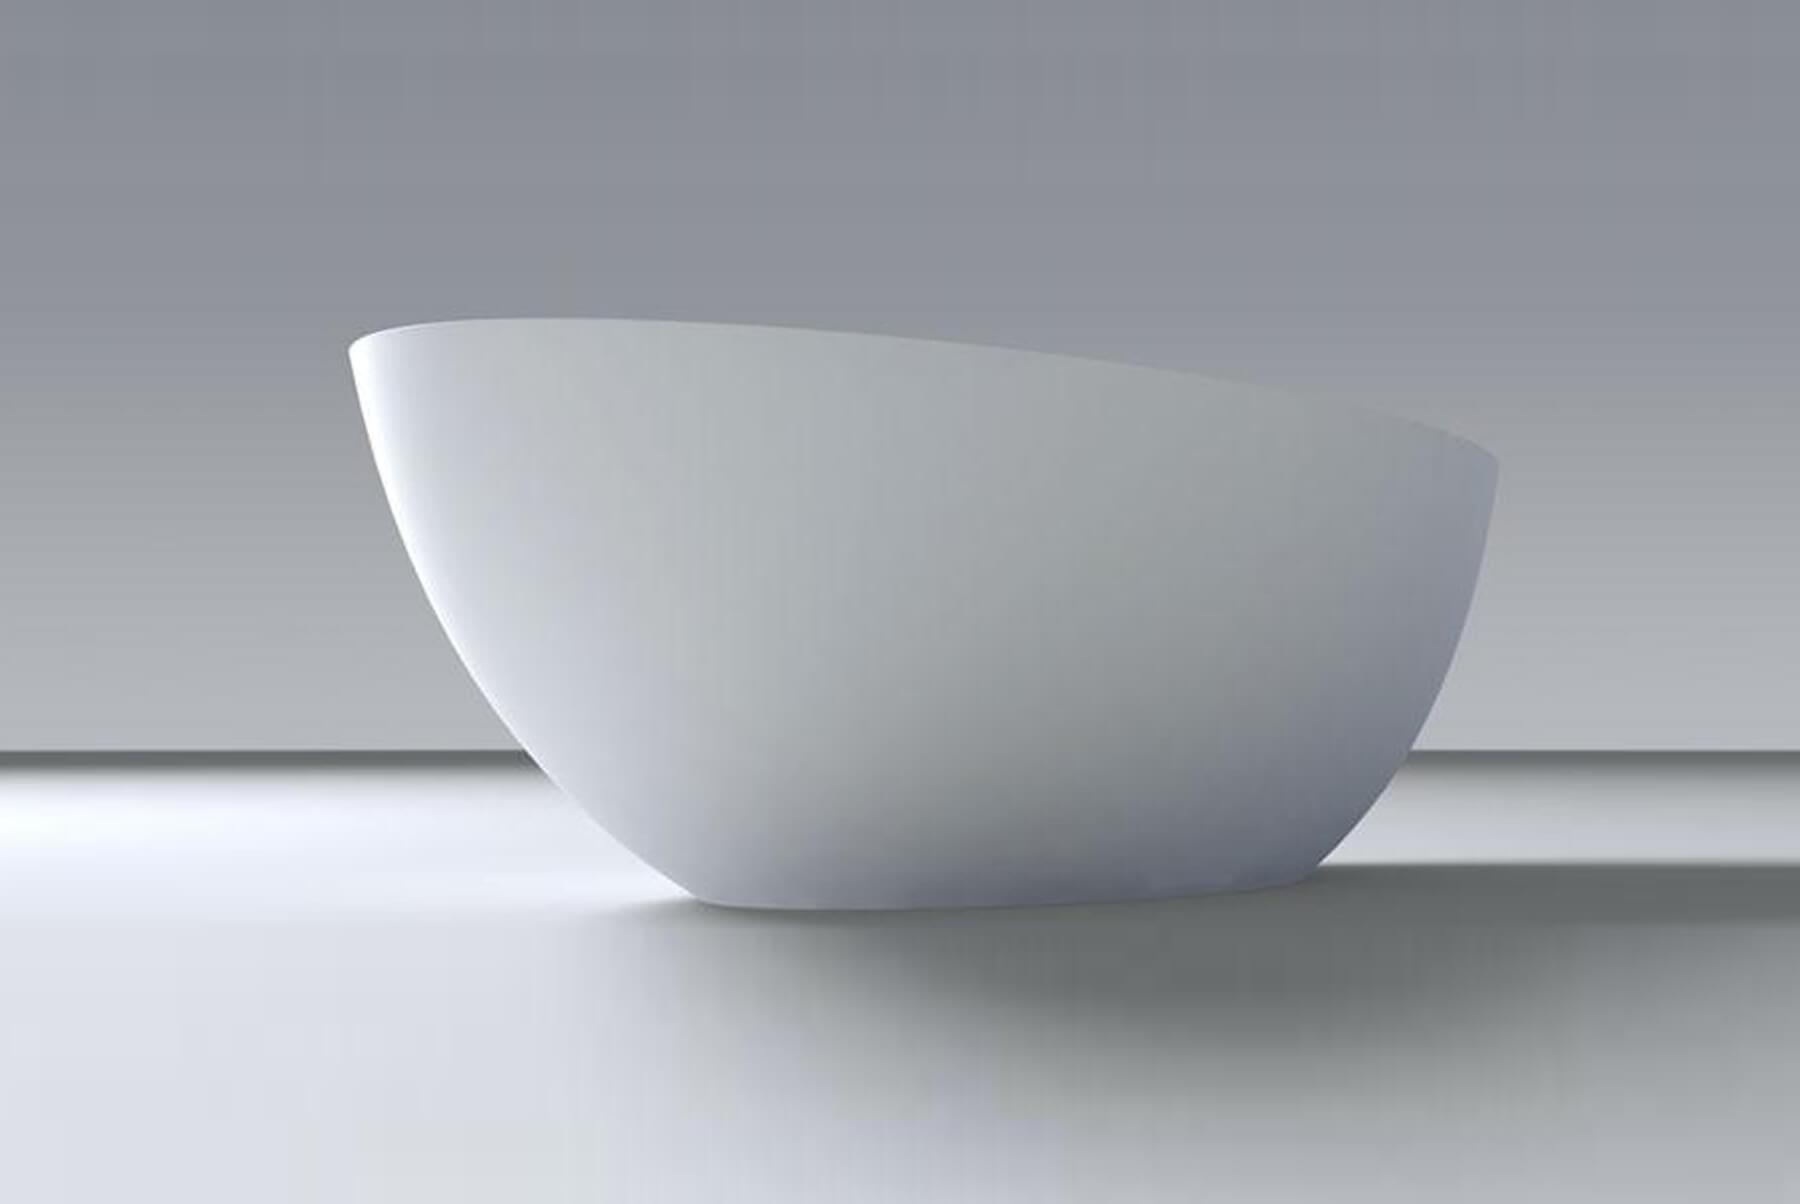 Bath-Tubs-WATERS-ELLIPSE-BATH-TUB-UNDER-1800x1204 (1)